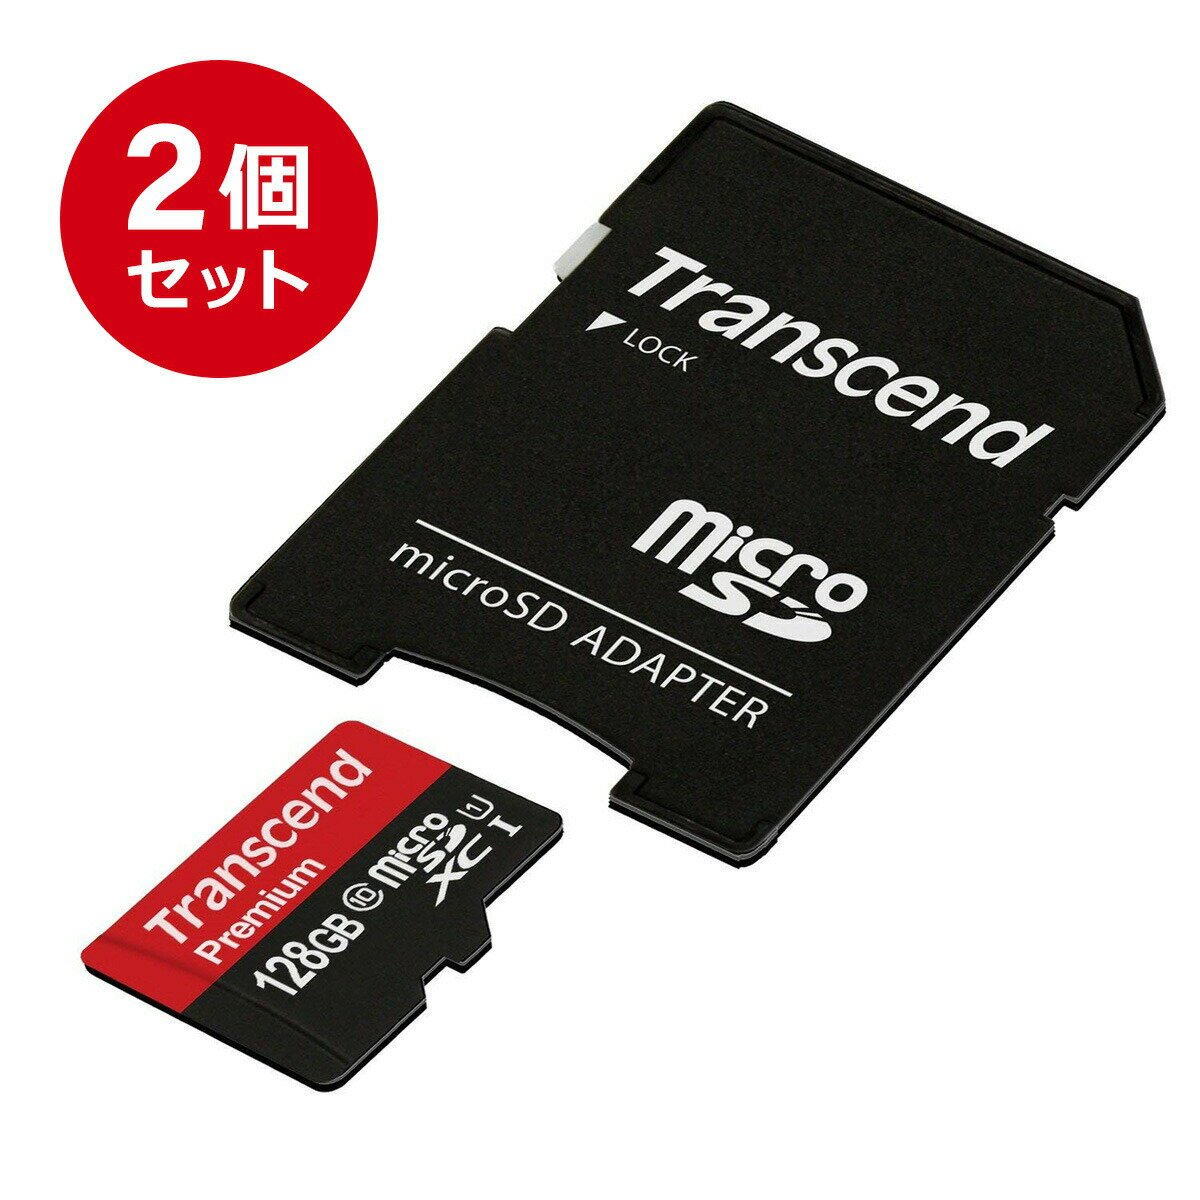 【1月17日値下げしました】【まとめ割 2個セット】Transcend microSDカード 128GB Class10 UHS-1 5年保証 マイクロSD microSDXC SDアダプタ付 最大転送速度60MB/s 400x クラス10 入学 卒業[TS128GUSDU1]【ネコポス専用】【送料無料】